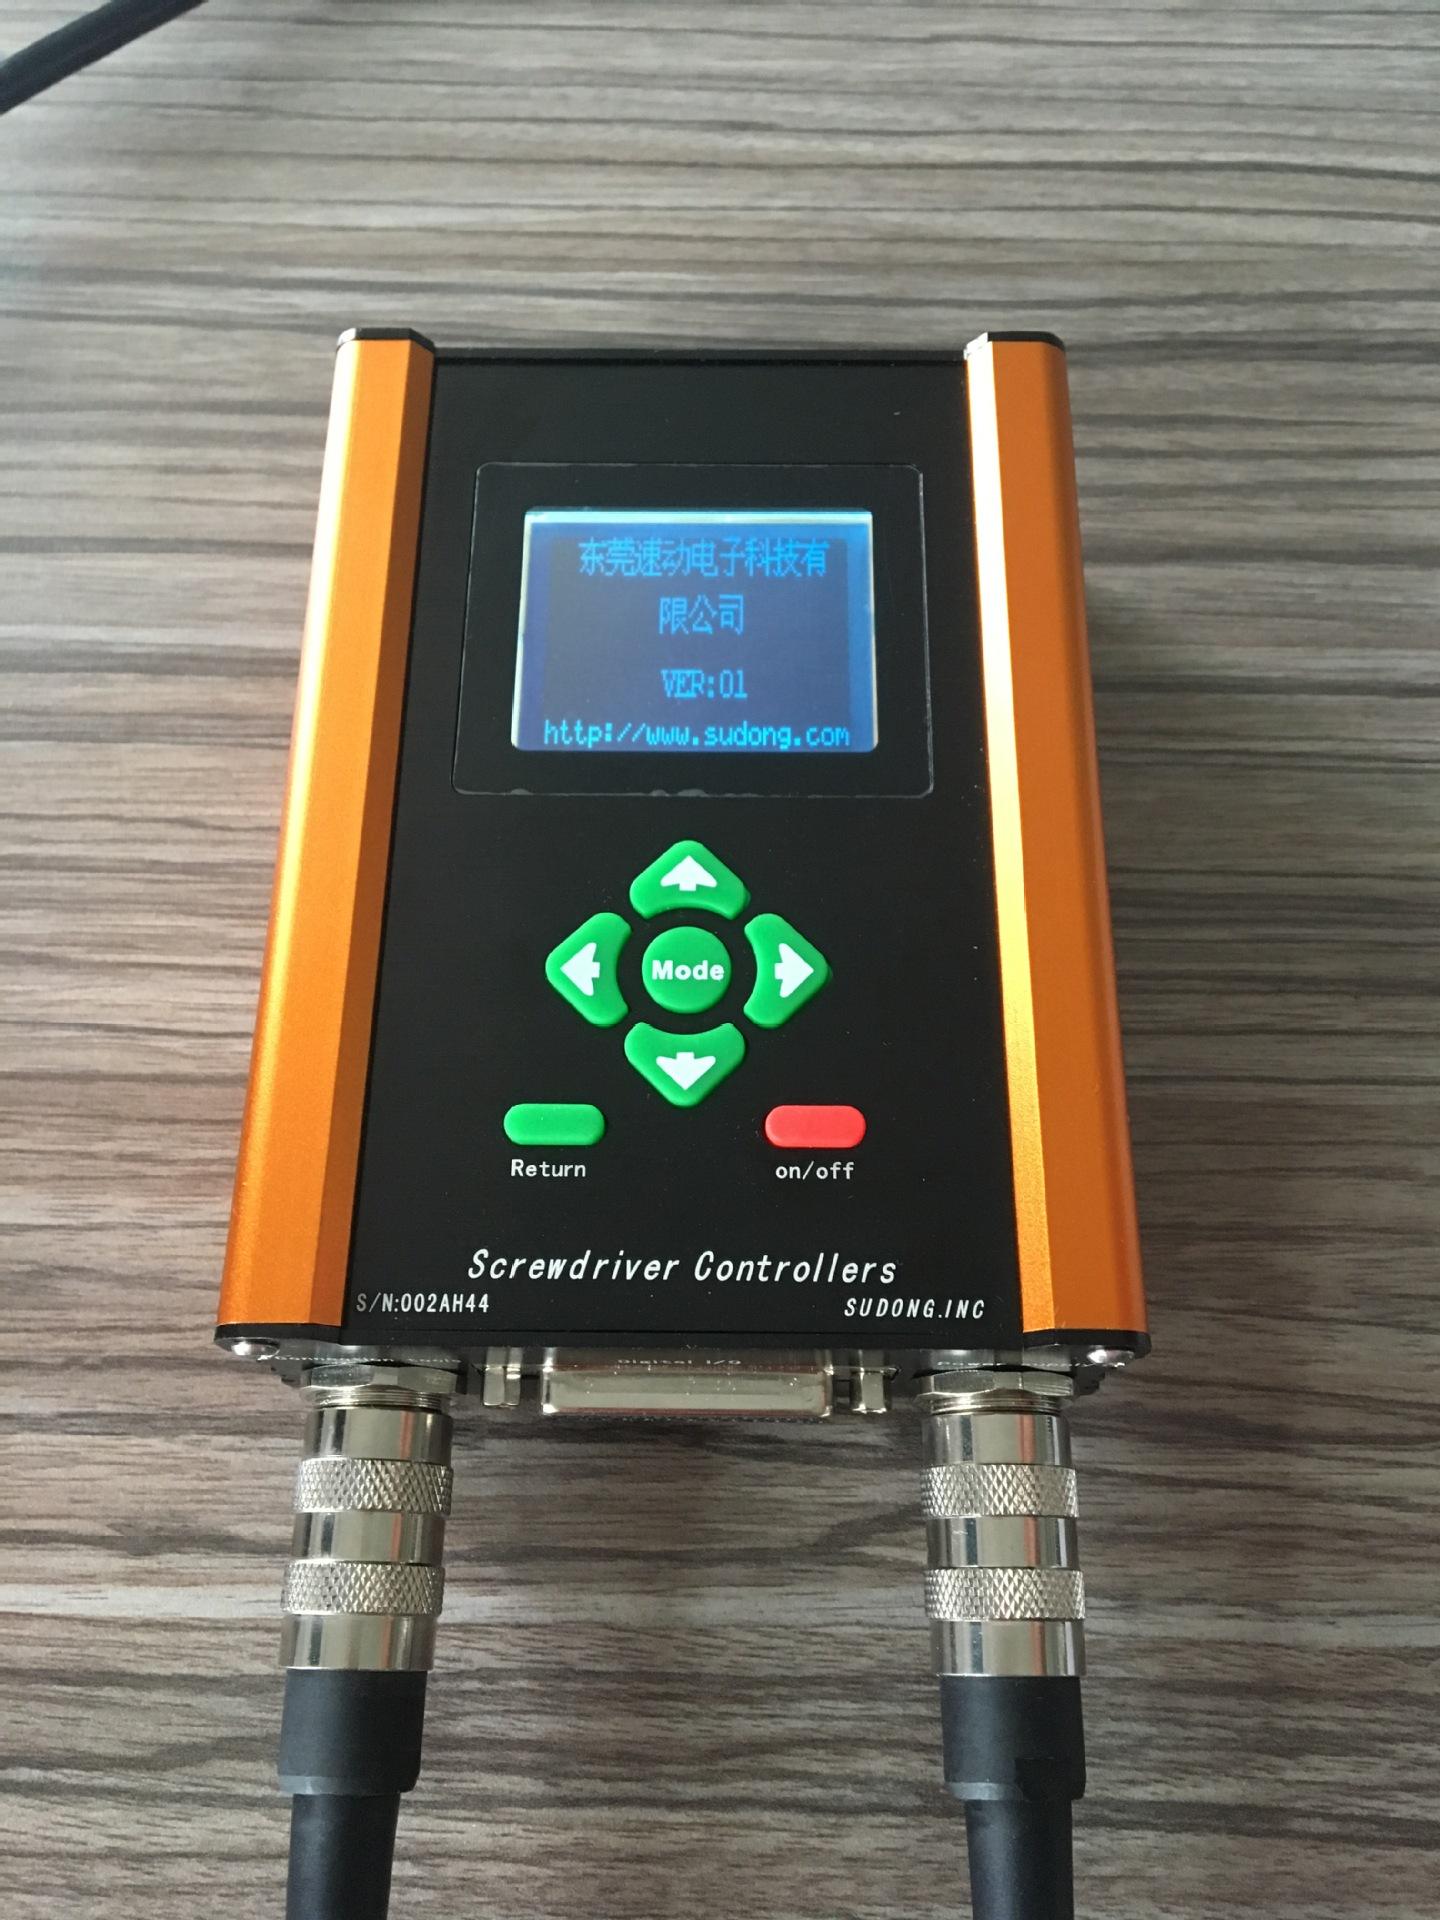 Sudong Linh kiện sắt thép / tuốc nơ vít điện servo không chổi than hành động nhanh, tuốc nơ vít điện